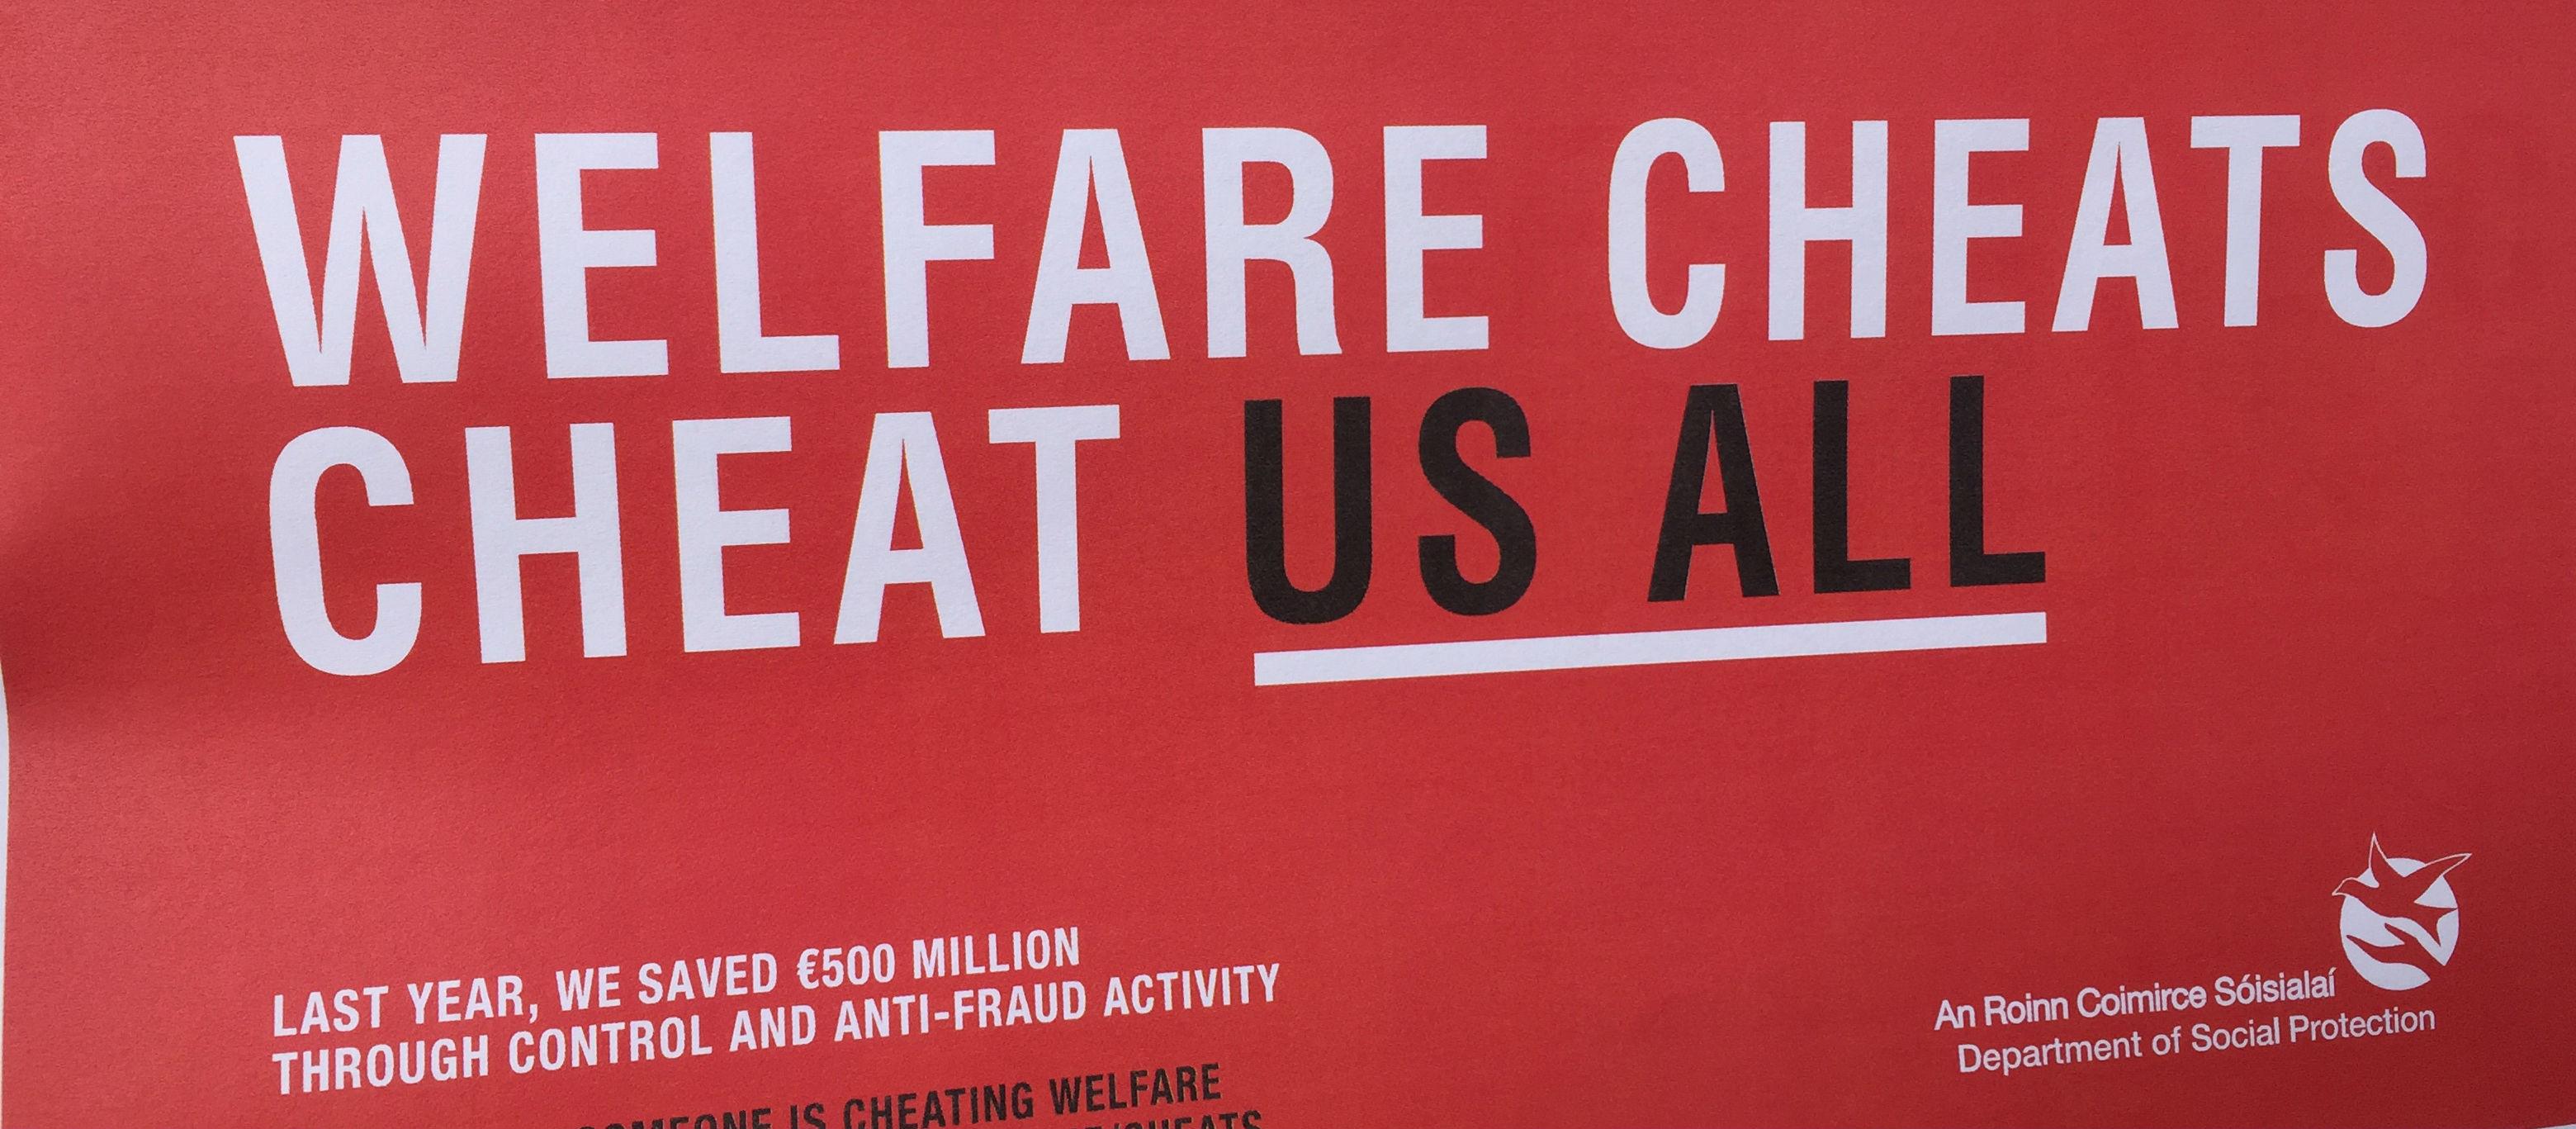 Row Back On Welfare Fraud Plans